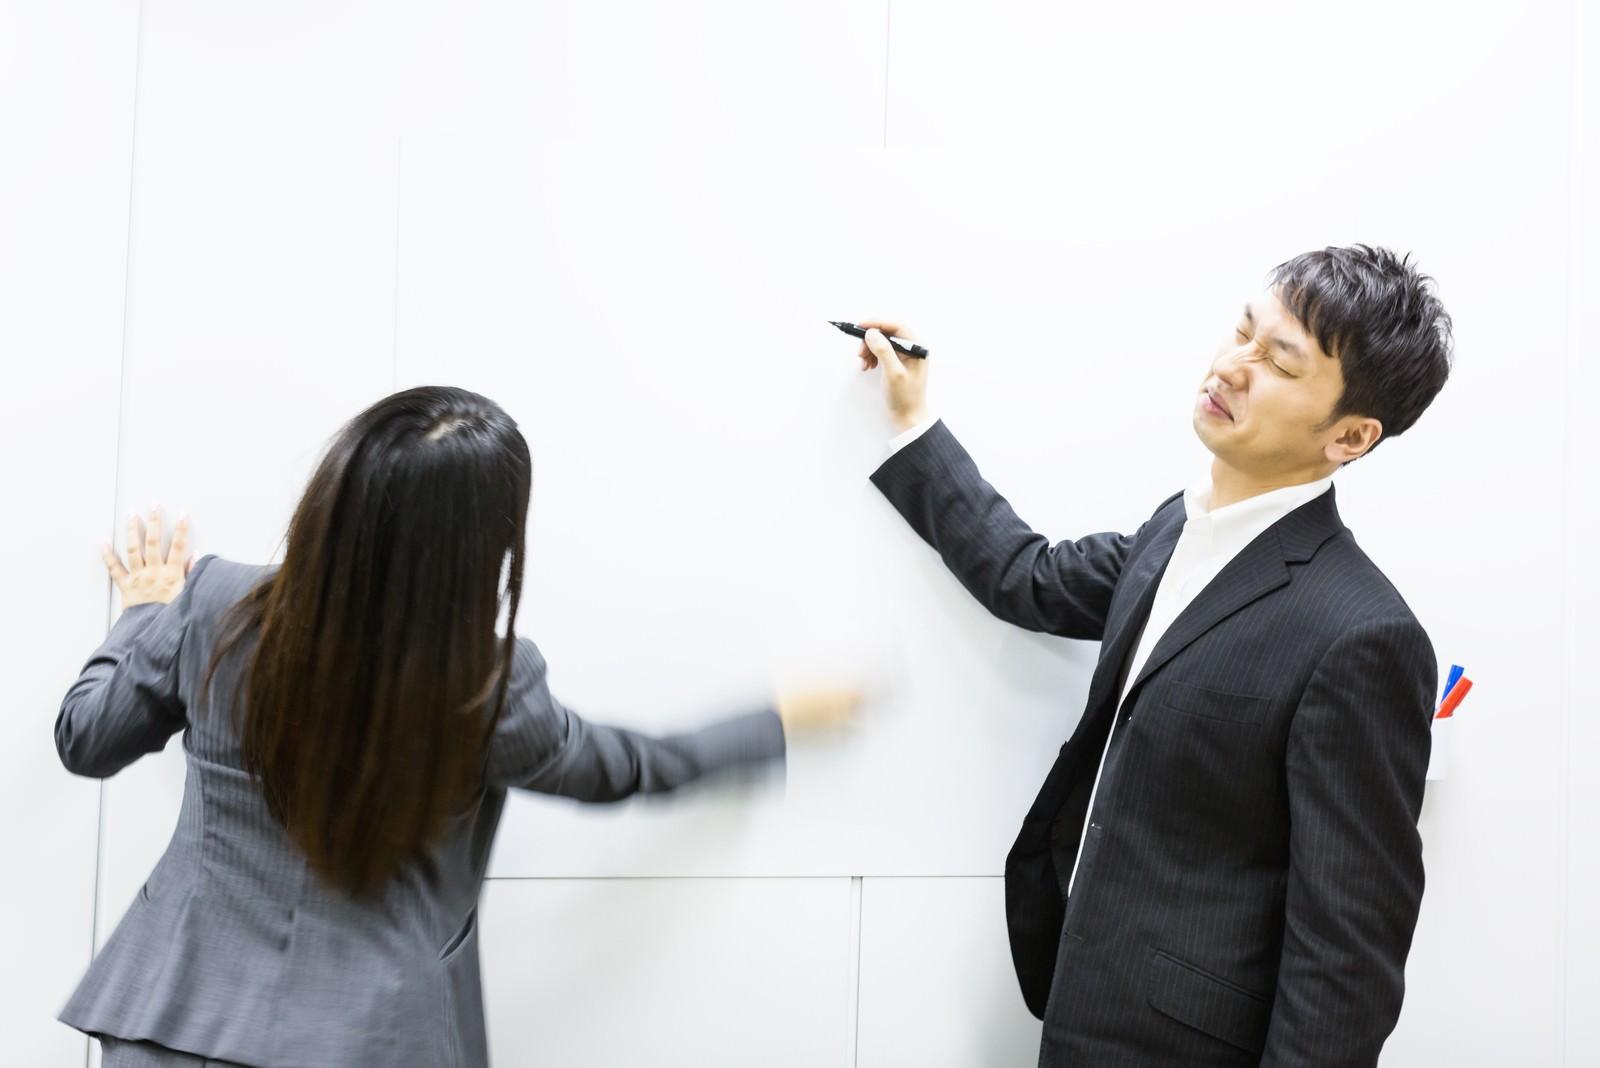 「ホワイトボードに書いたマトリックス図を秒速で削除する女性」の写真[モデル:大川竜弥 Lala]